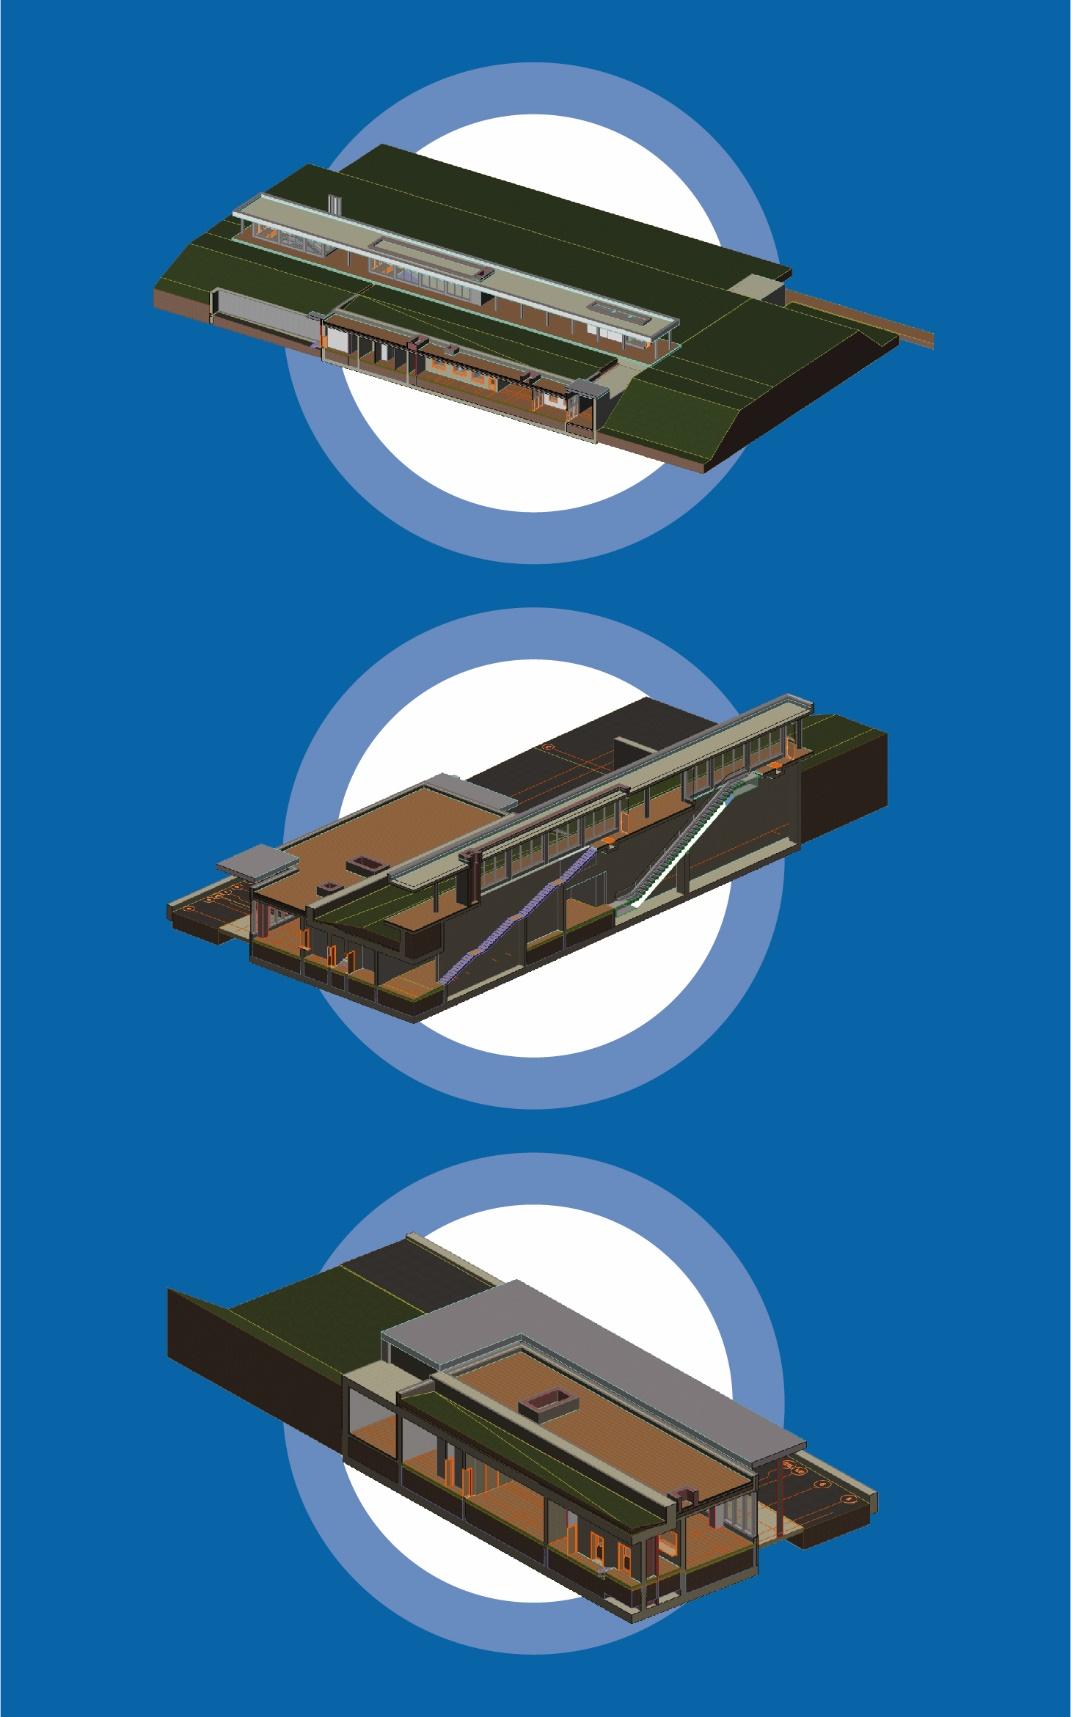 27. Проект реконструкции платформы Водники. 3D-модель конкорса. ООО «Проинжиниринг». 2019 год